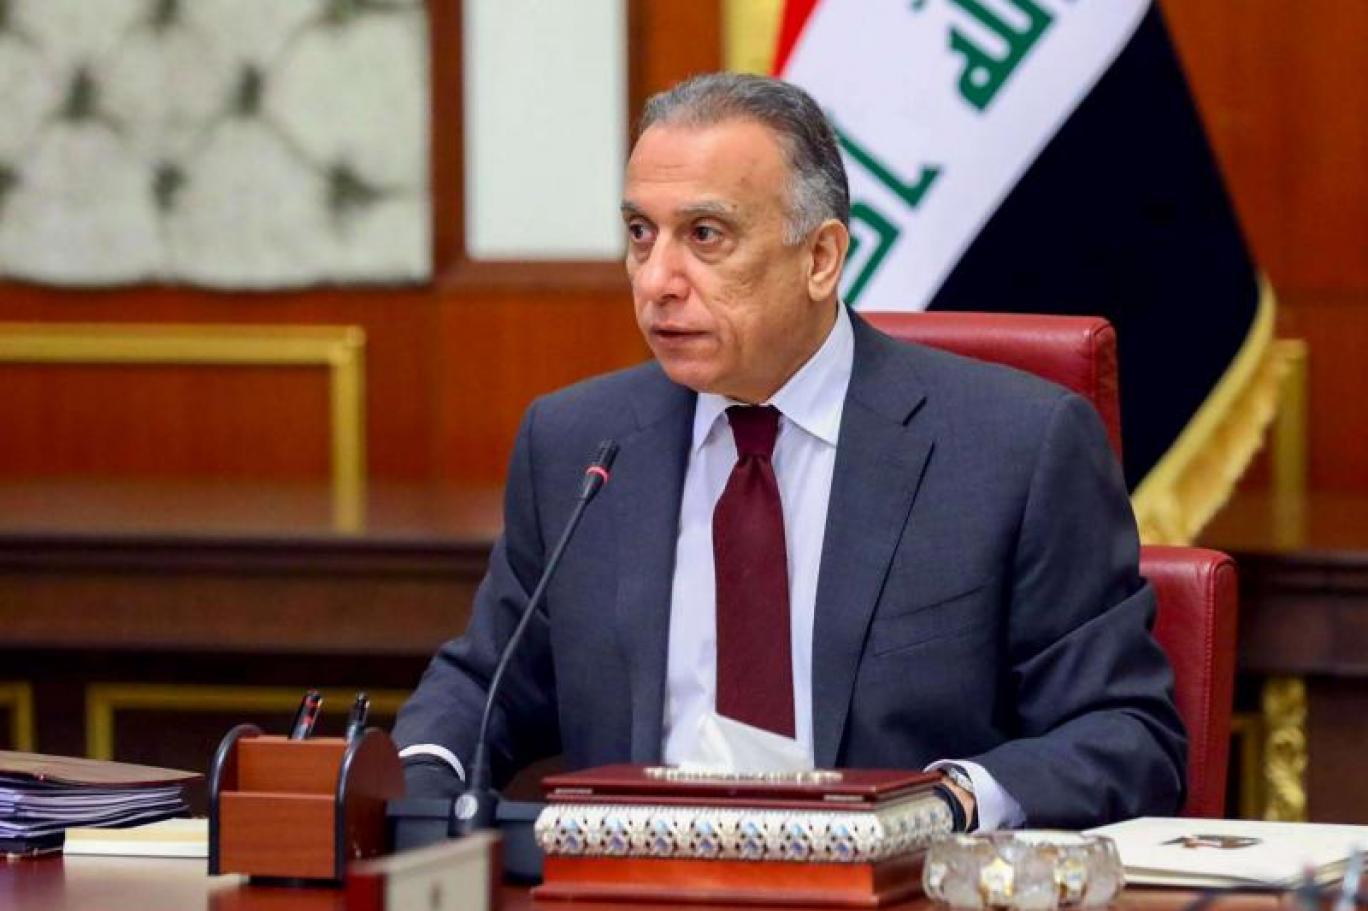 Kazımi'den, Irak güvenlik güçleri ve bütçe tasarısına ilişkin açıklama!